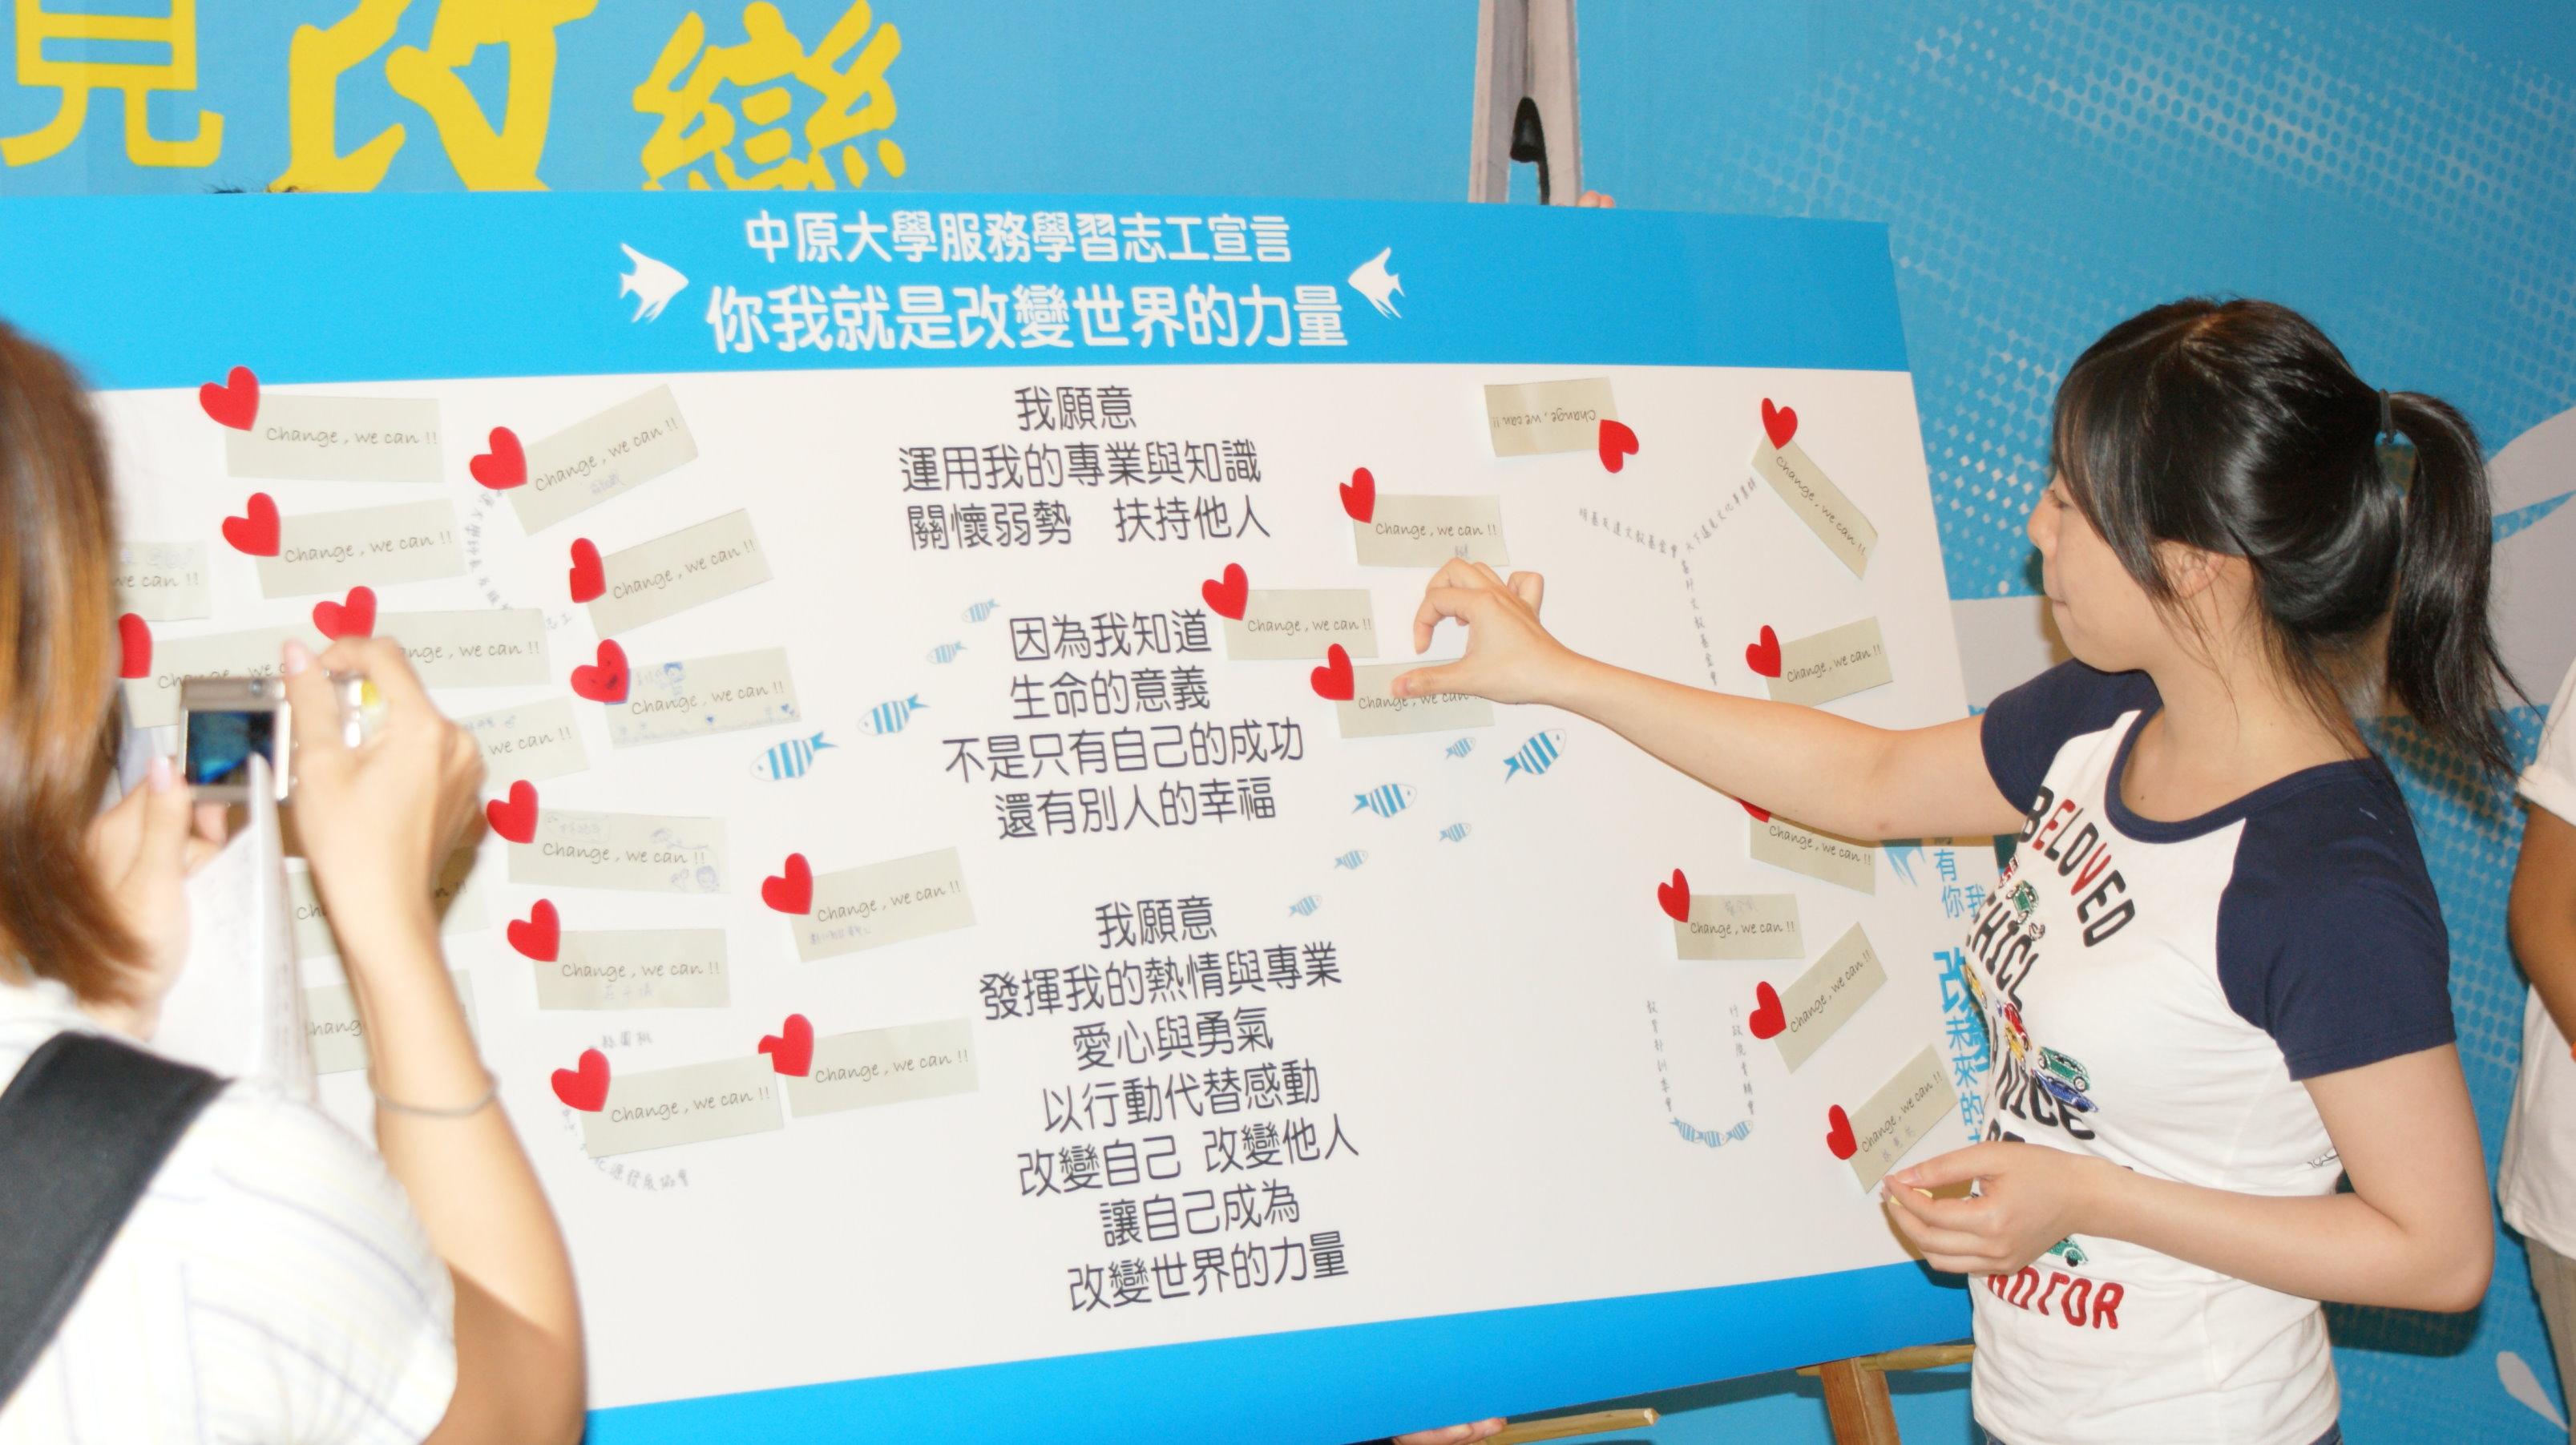 中原大學邀請產官學共同用專業「愛」台灣 打造大學新典範